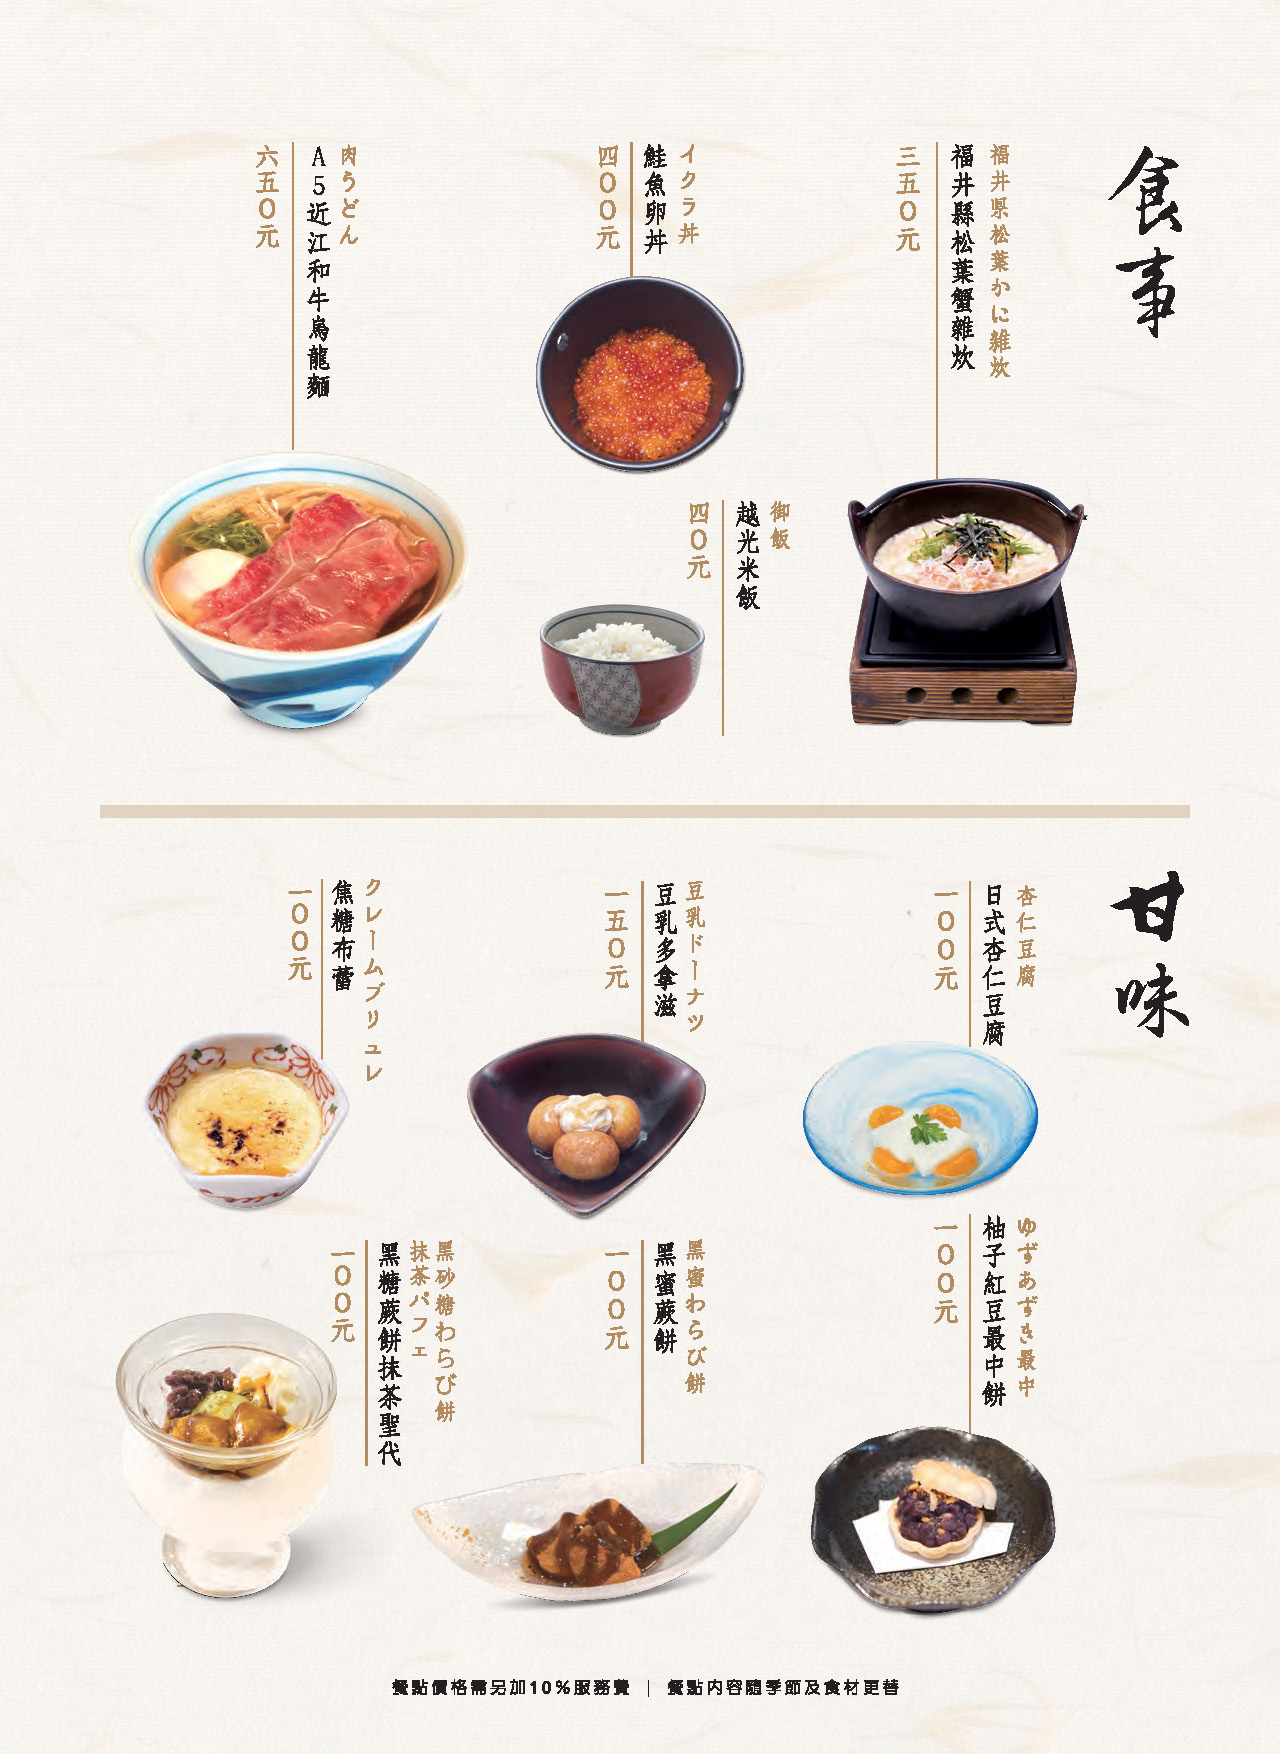 莞固和食 GANKO 台北大直店菜單 - 食事 甘味